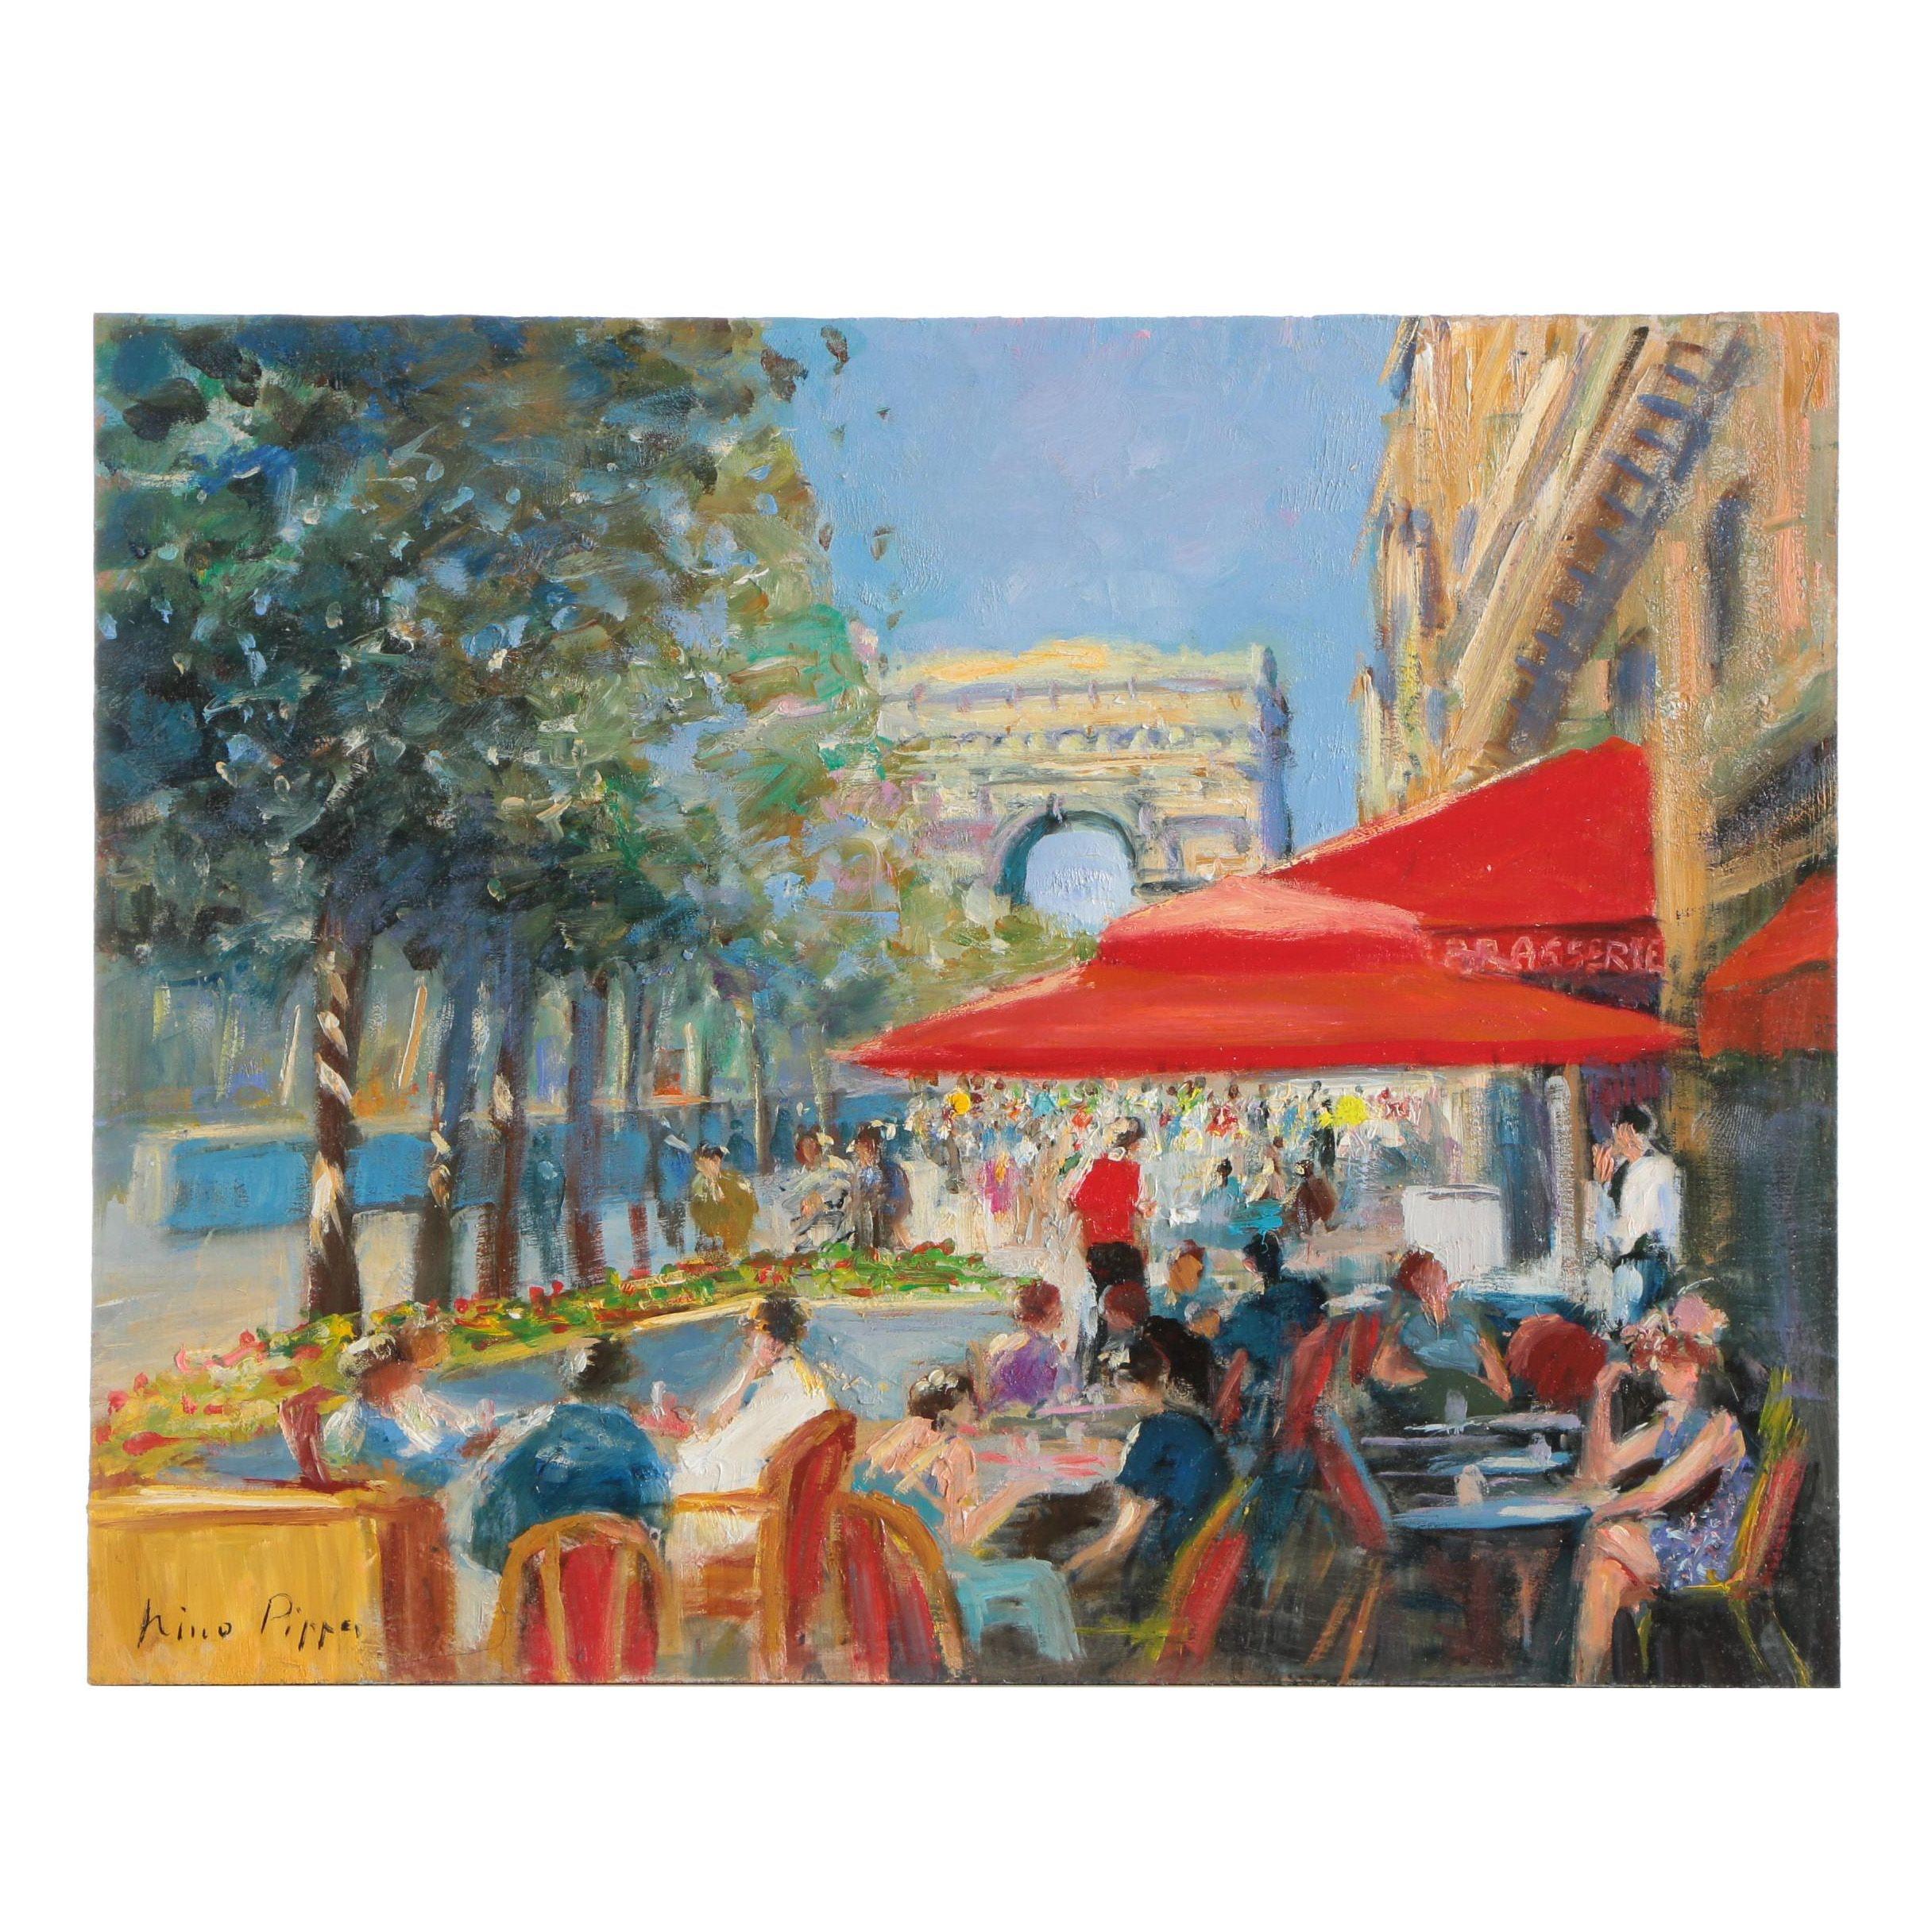 """Nino Pippa Oil Painting """"Paris - Sidewalk Café In Champs-Élysées"""""""